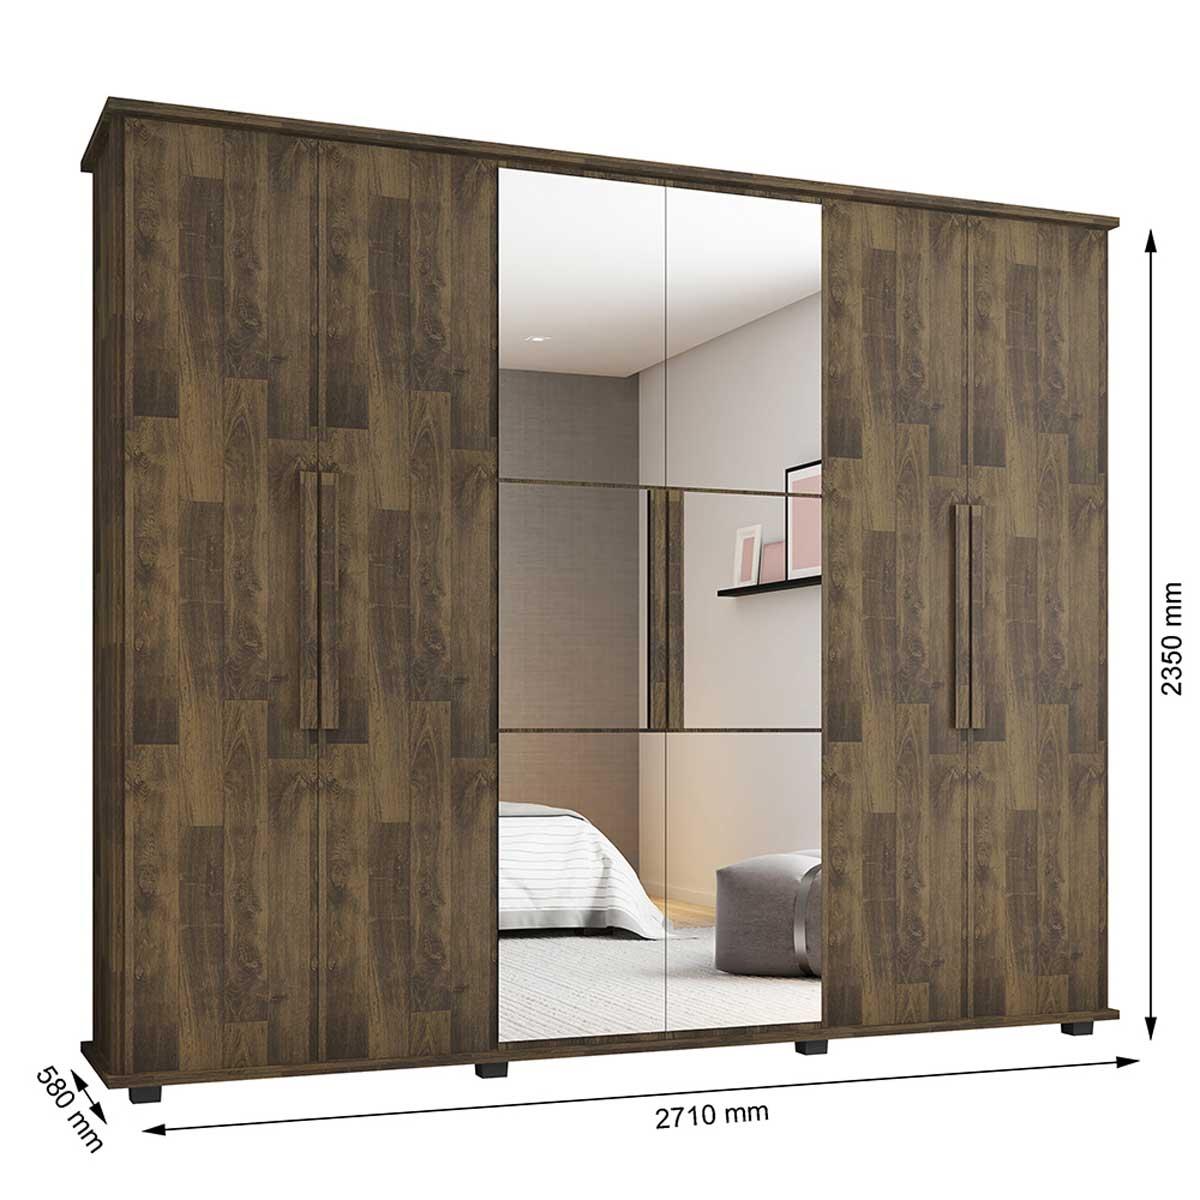 Guarda-Roupa Casal com Espelho 6 Portas 4 Gavetas Canadá Amadeirado - RV Móveis